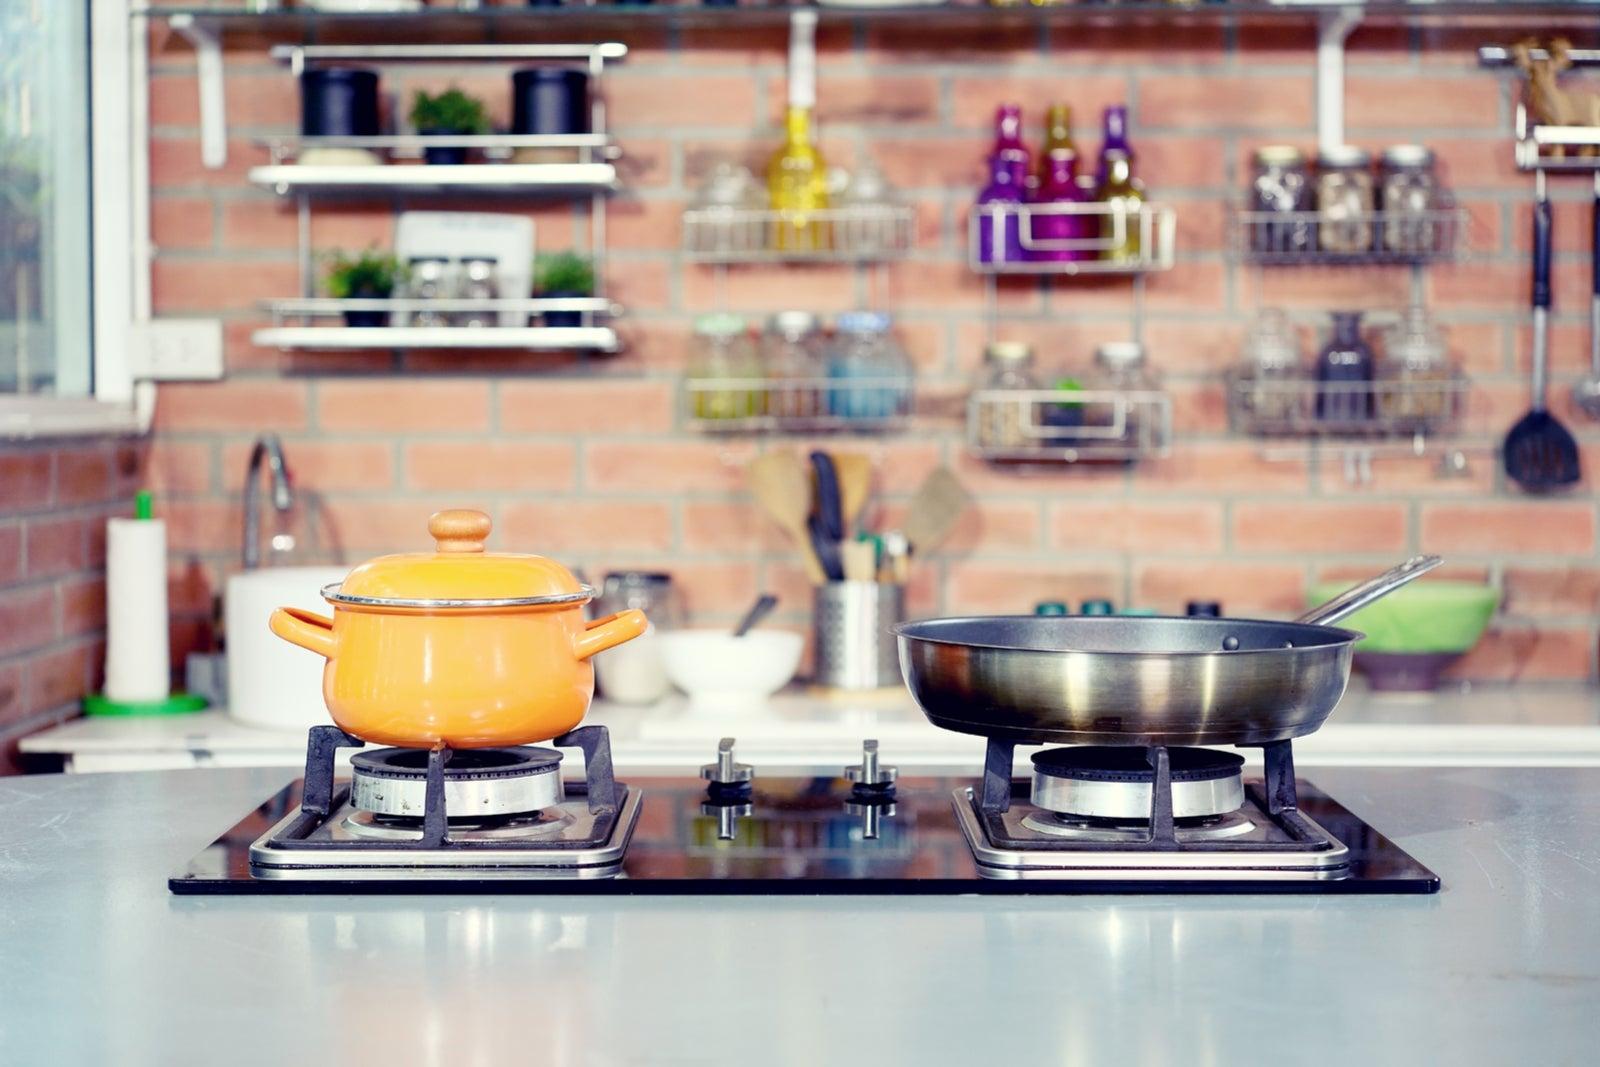 Las placas de gas para la cocina